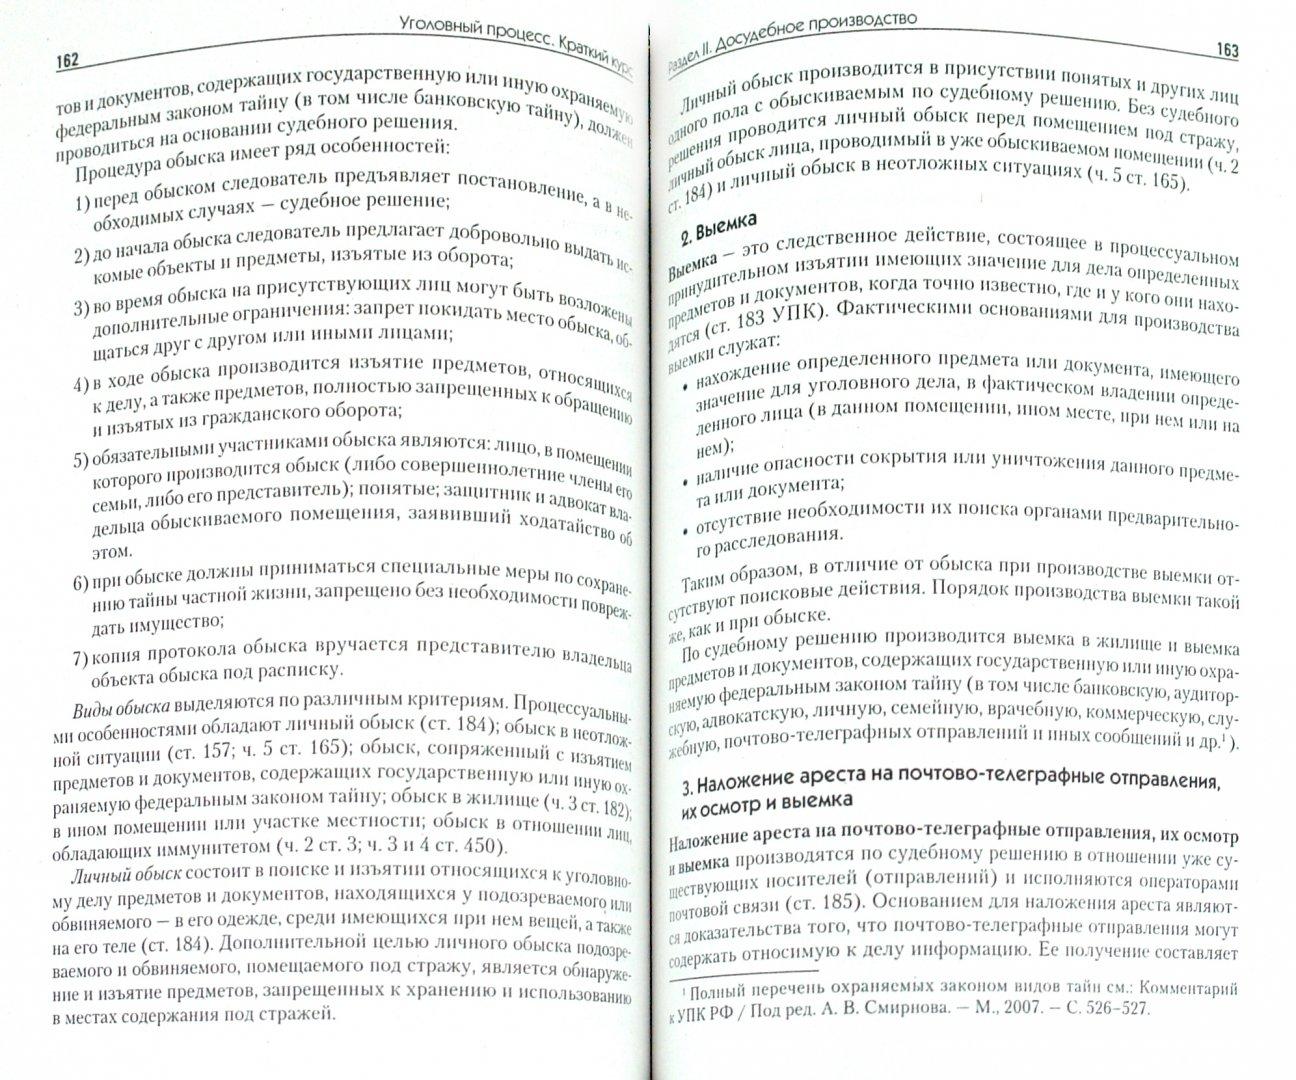 Иллюстрация 1 из 15 для Уголовный процесс. Краткий курс - Смирнов, Калиновский | Лабиринт - книги. Источник: Лабиринт